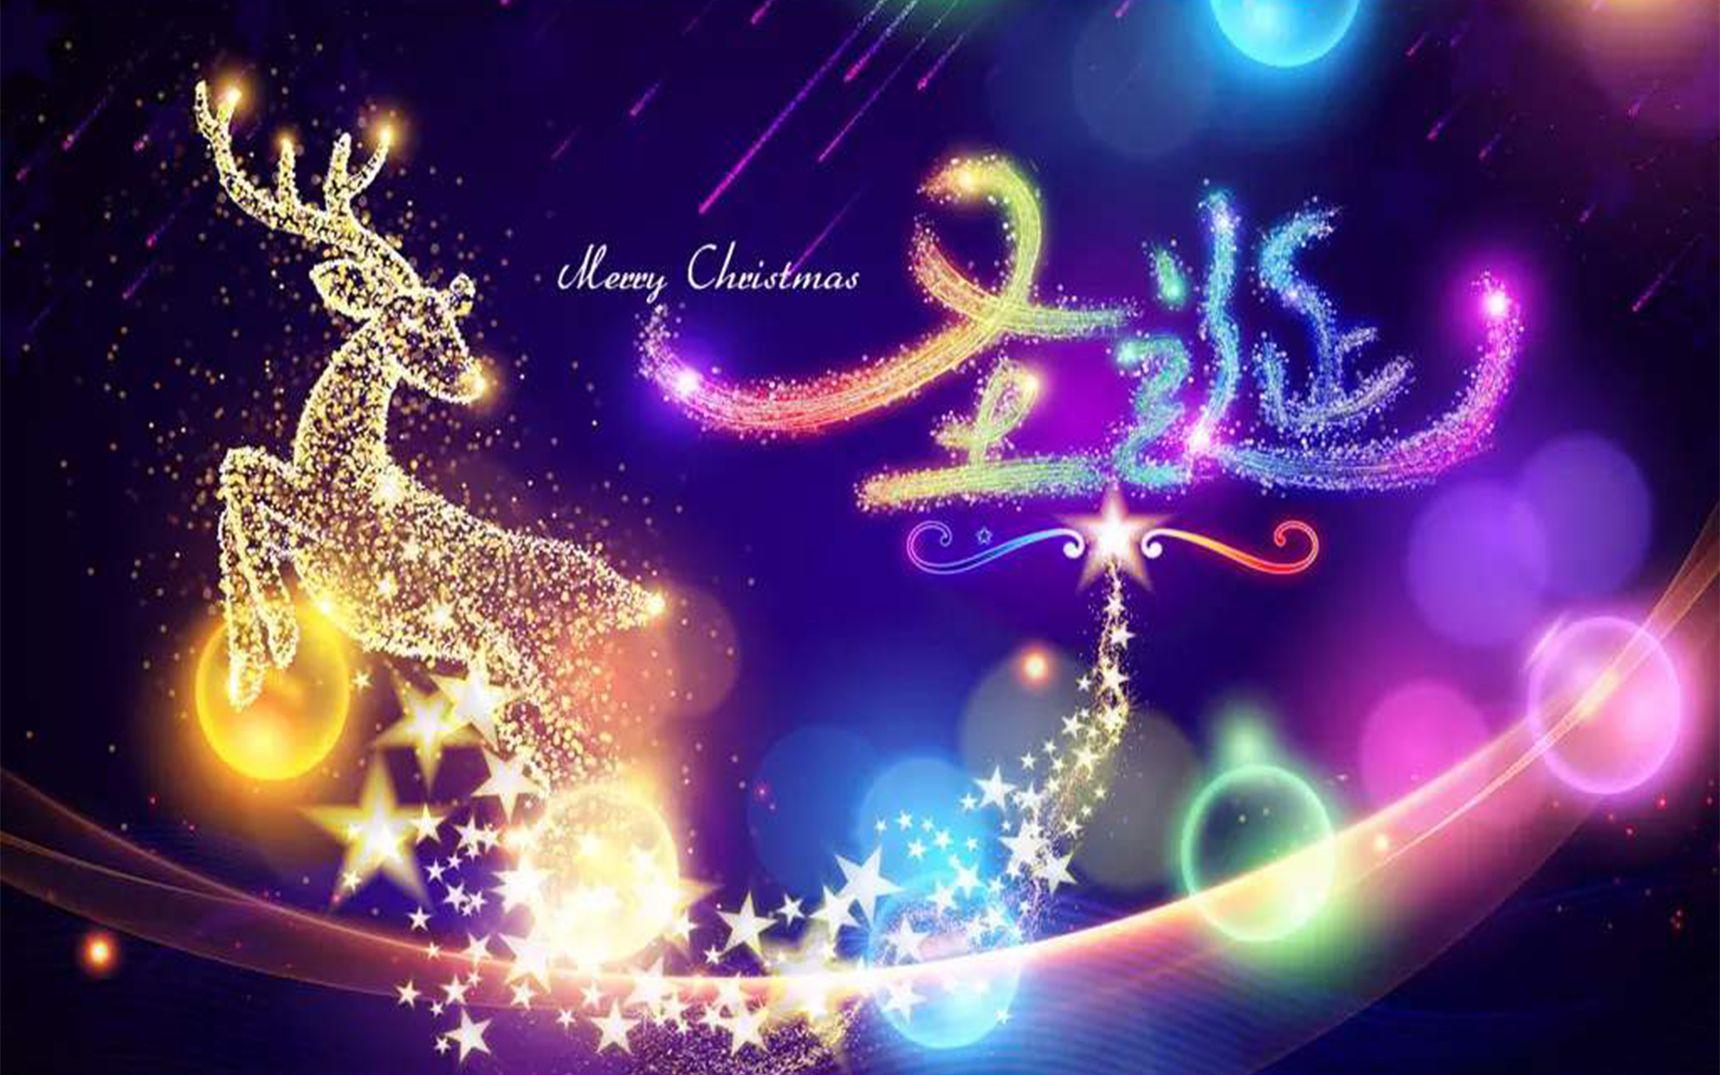 【圣诞快乐】下山